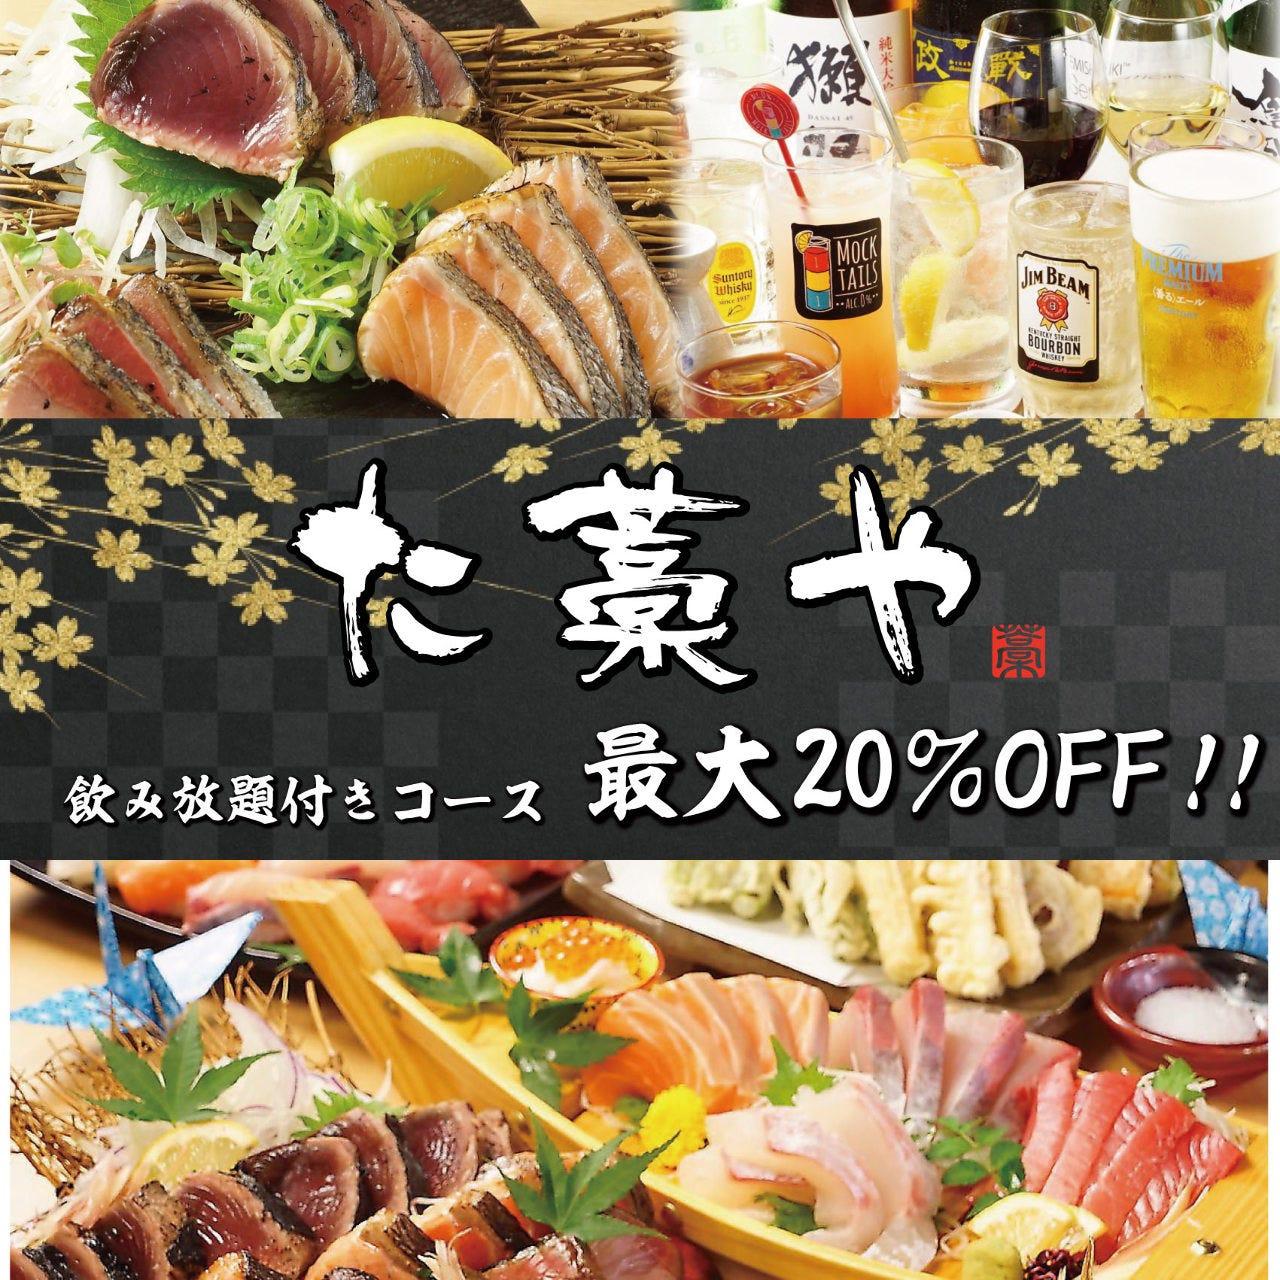 個室居酒屋 藁焼きと鮮魚 た藁や JR茨木駅前店